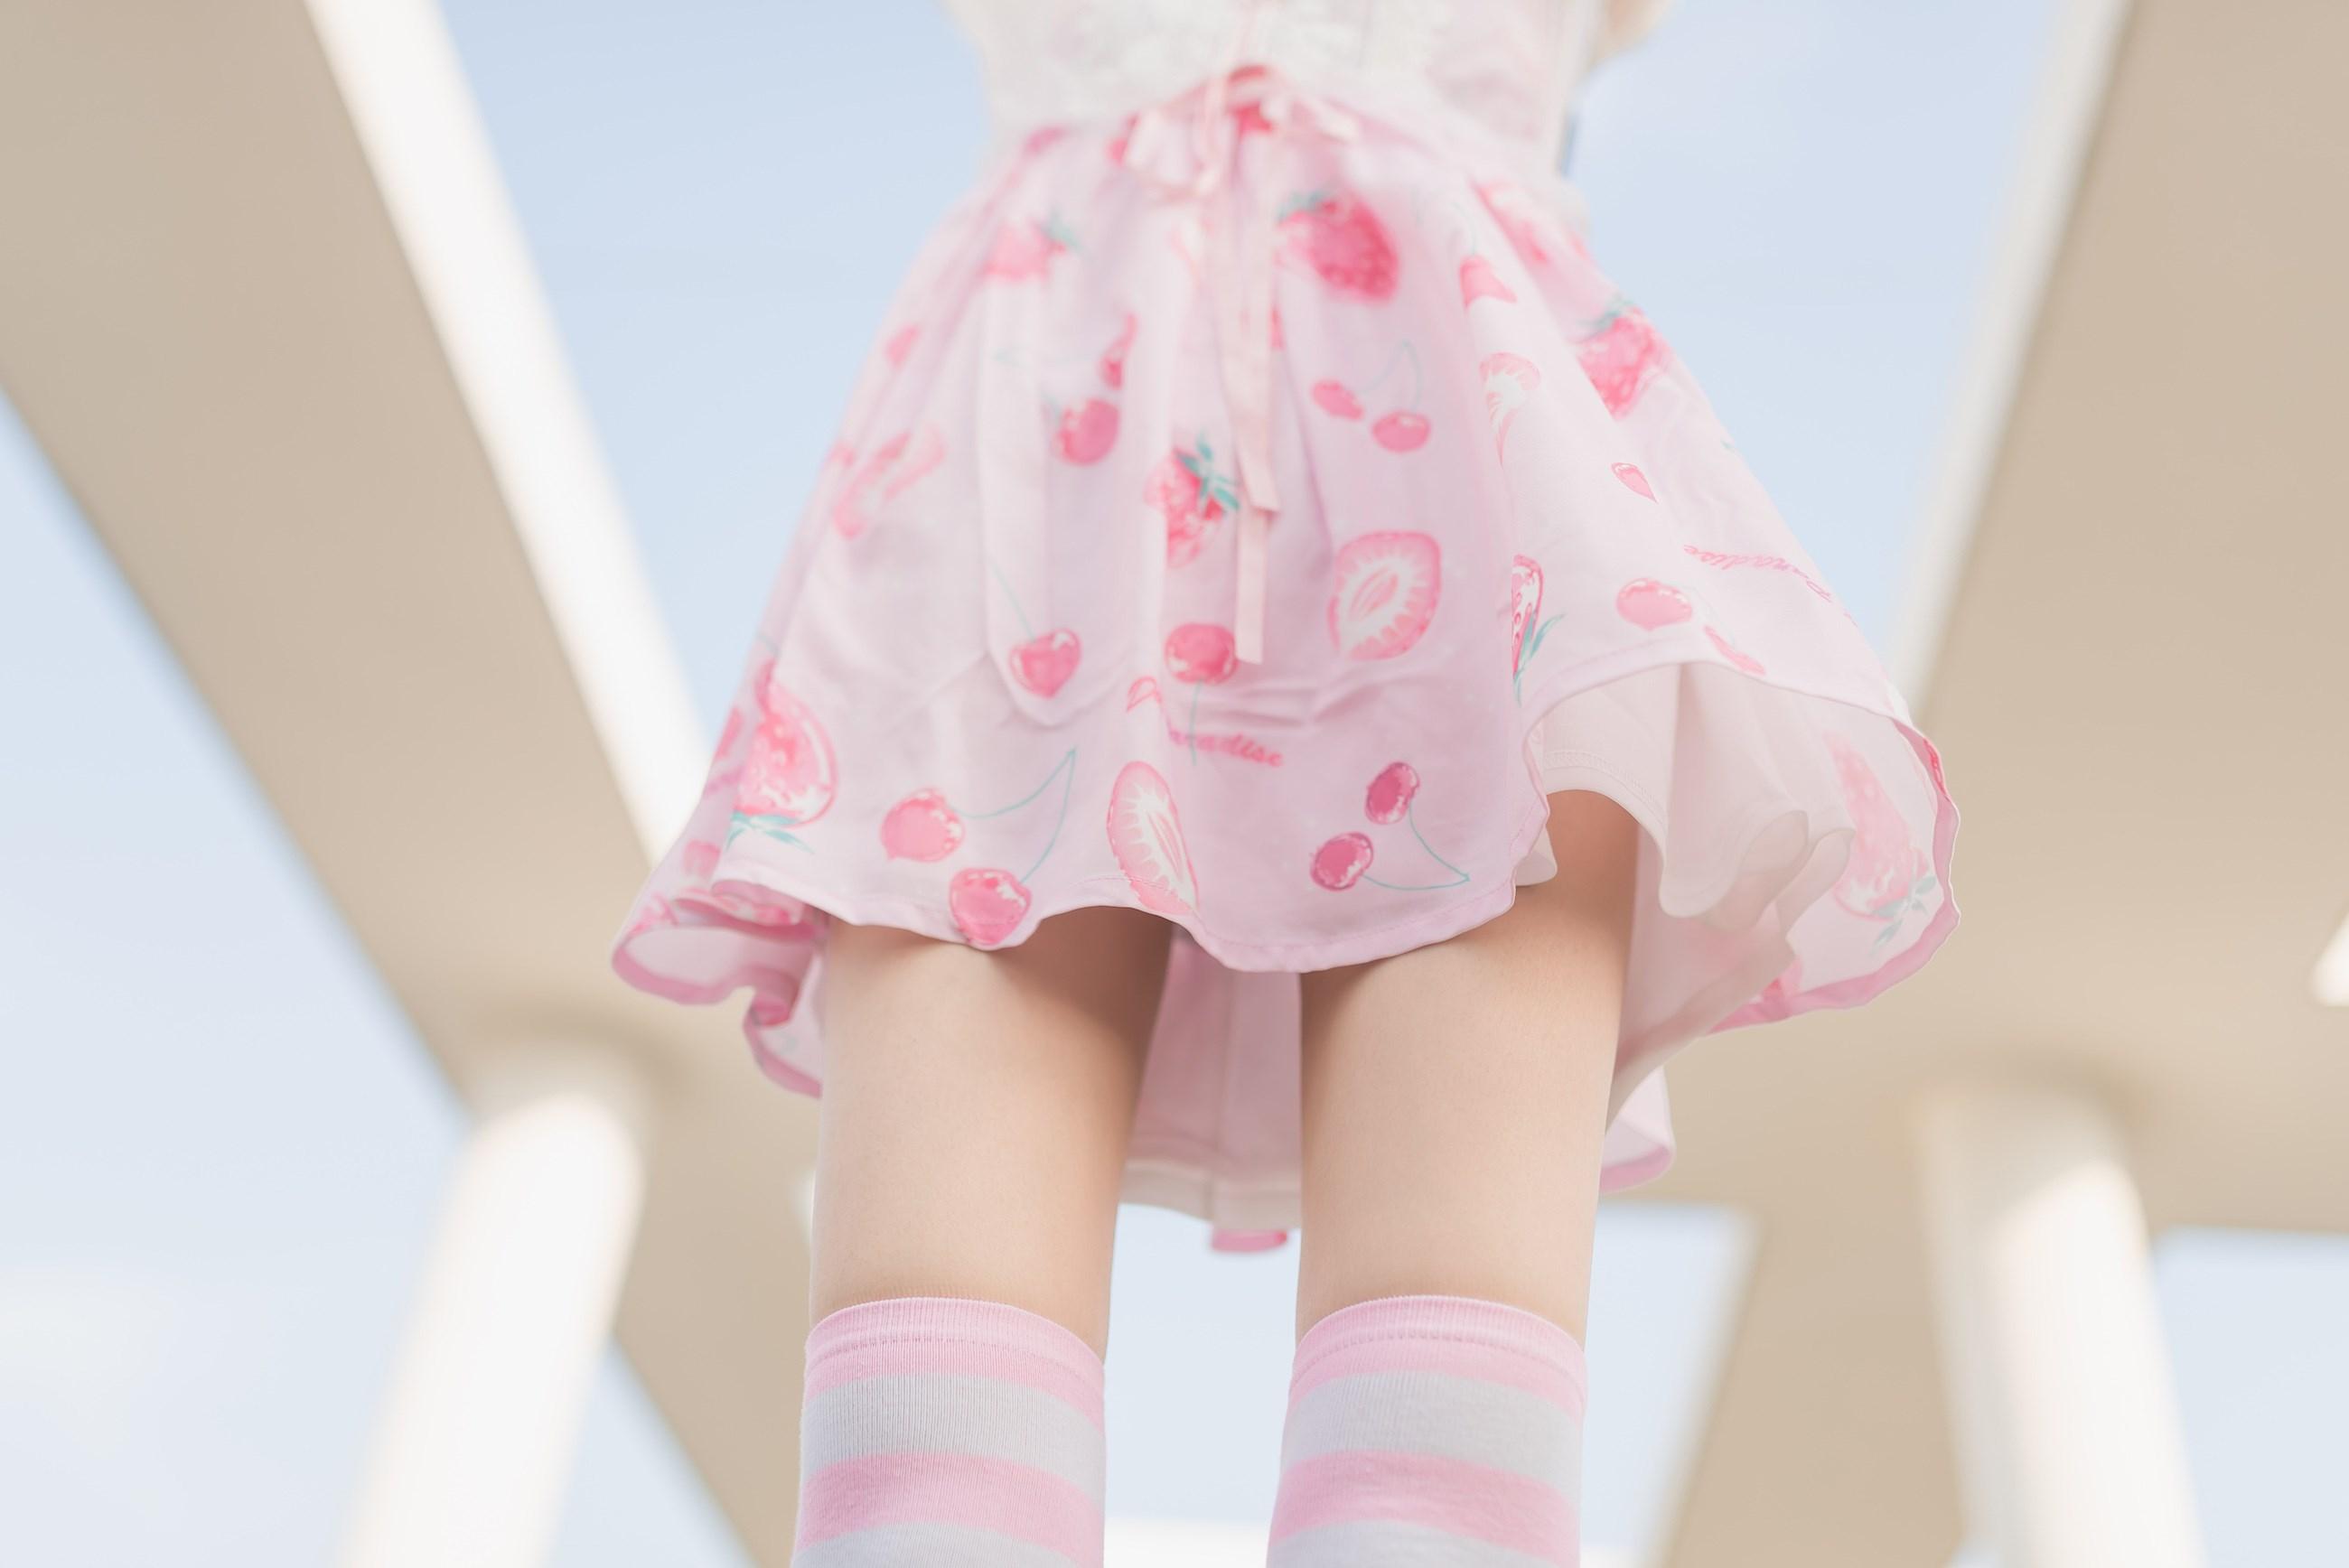 【兔玩映画】粉白条纹 兔玩映画 第30张